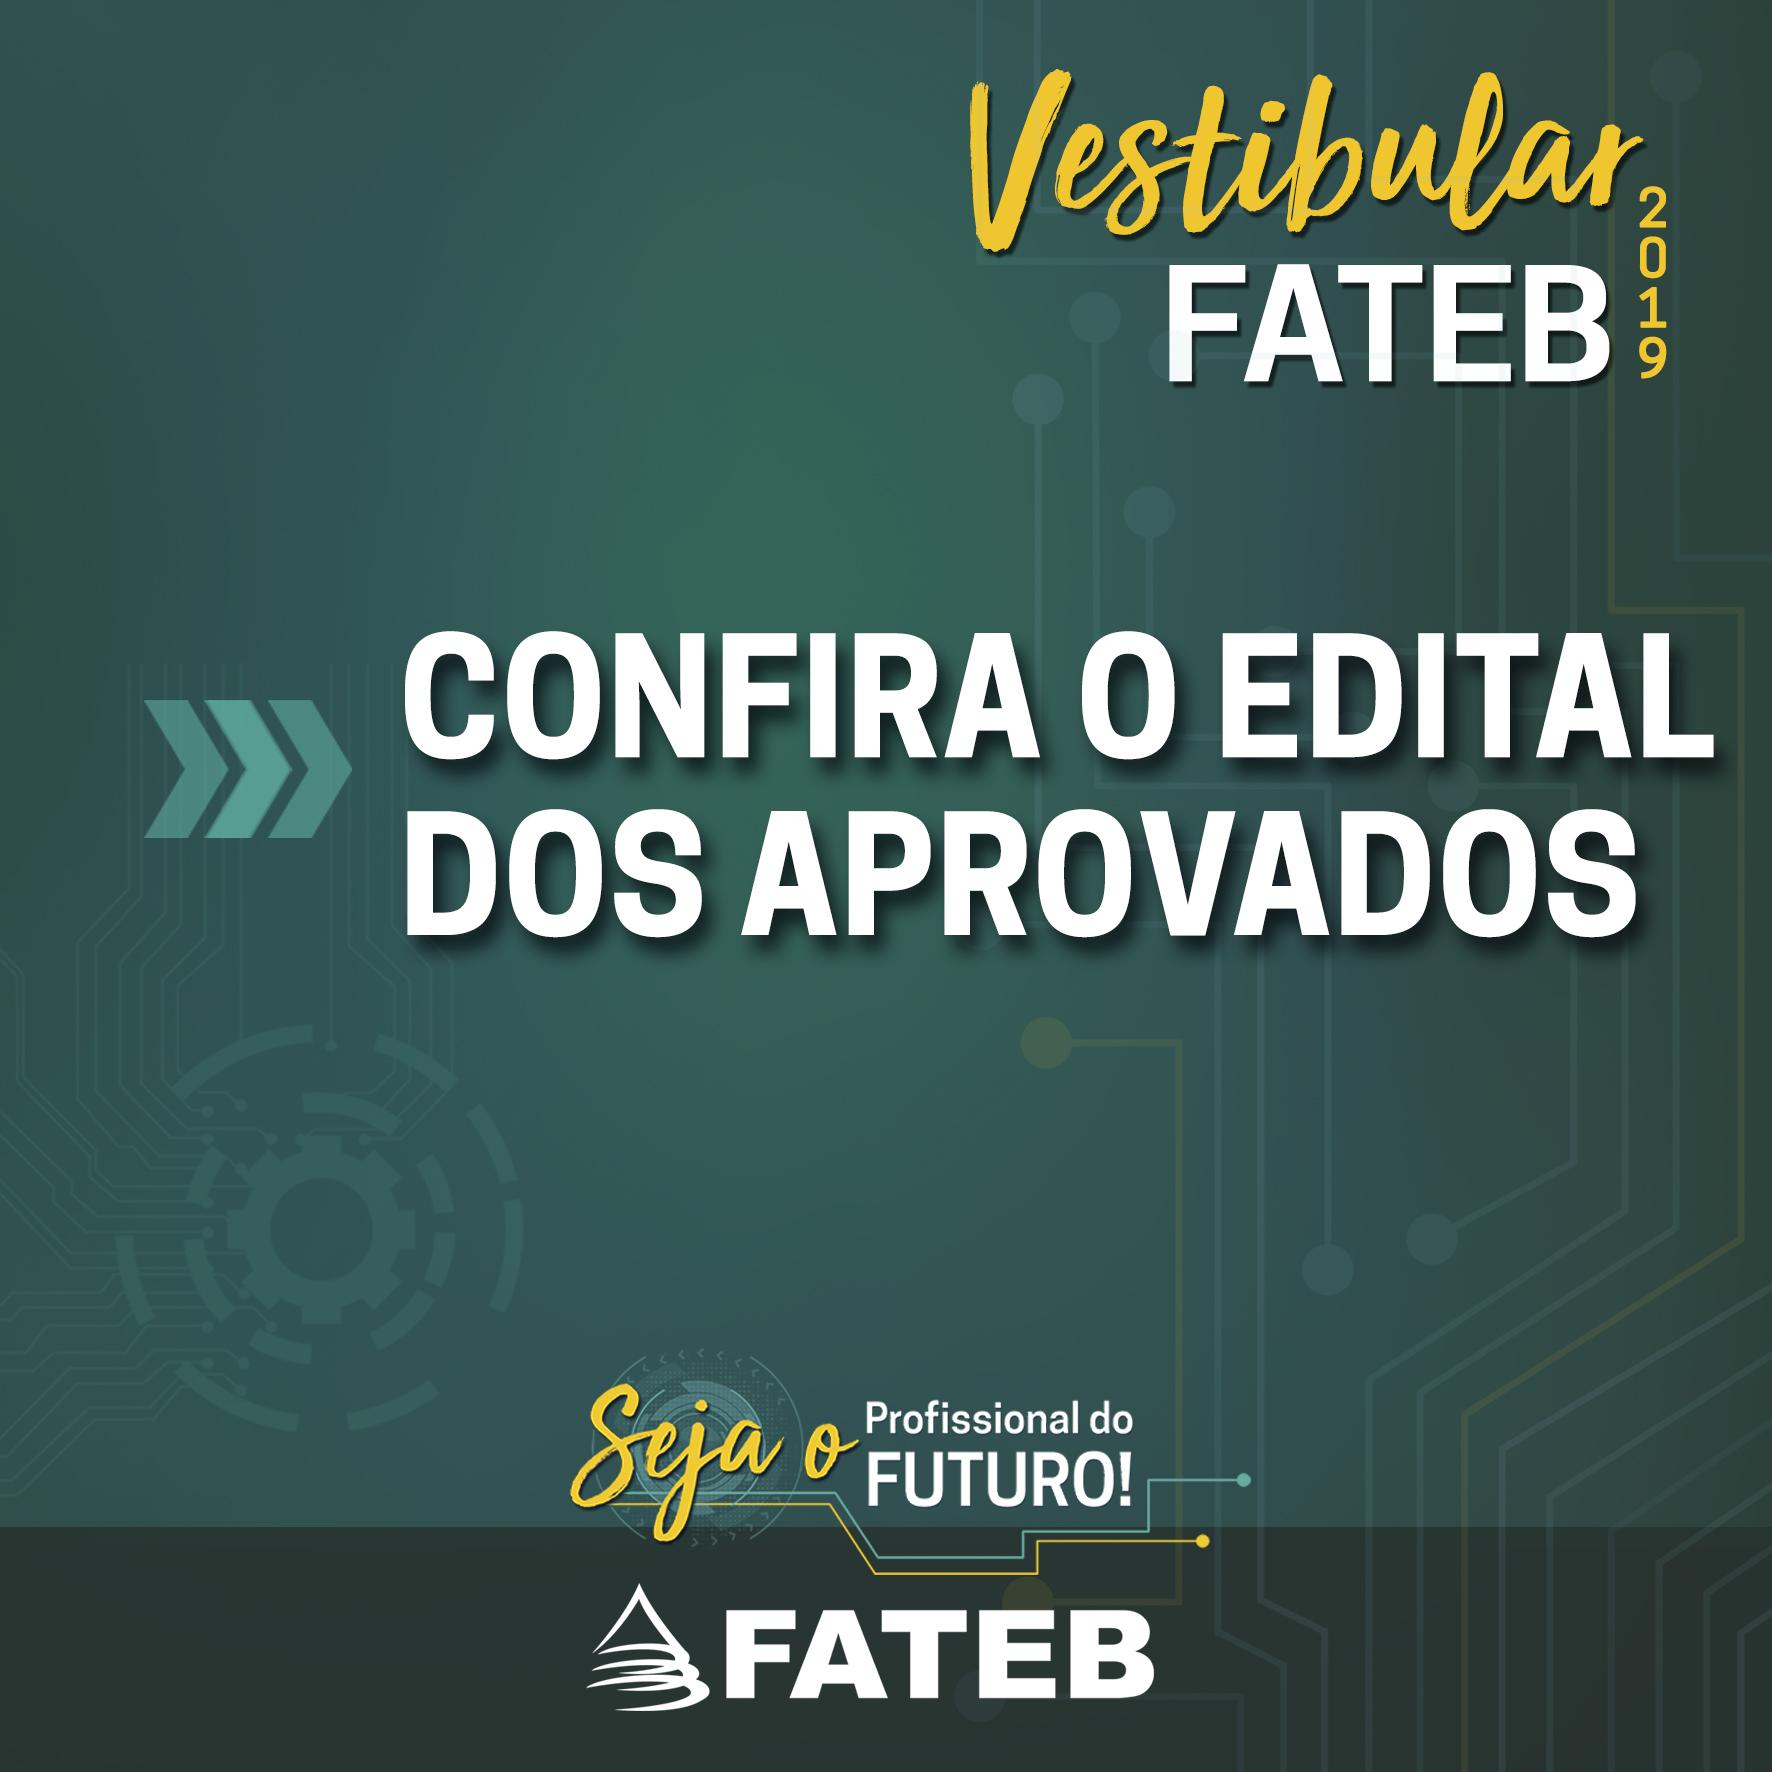 Edital dos aprovados no Vestibular - Madrugadão 2018 - FATEB » FATEB e60af3e3c9a81